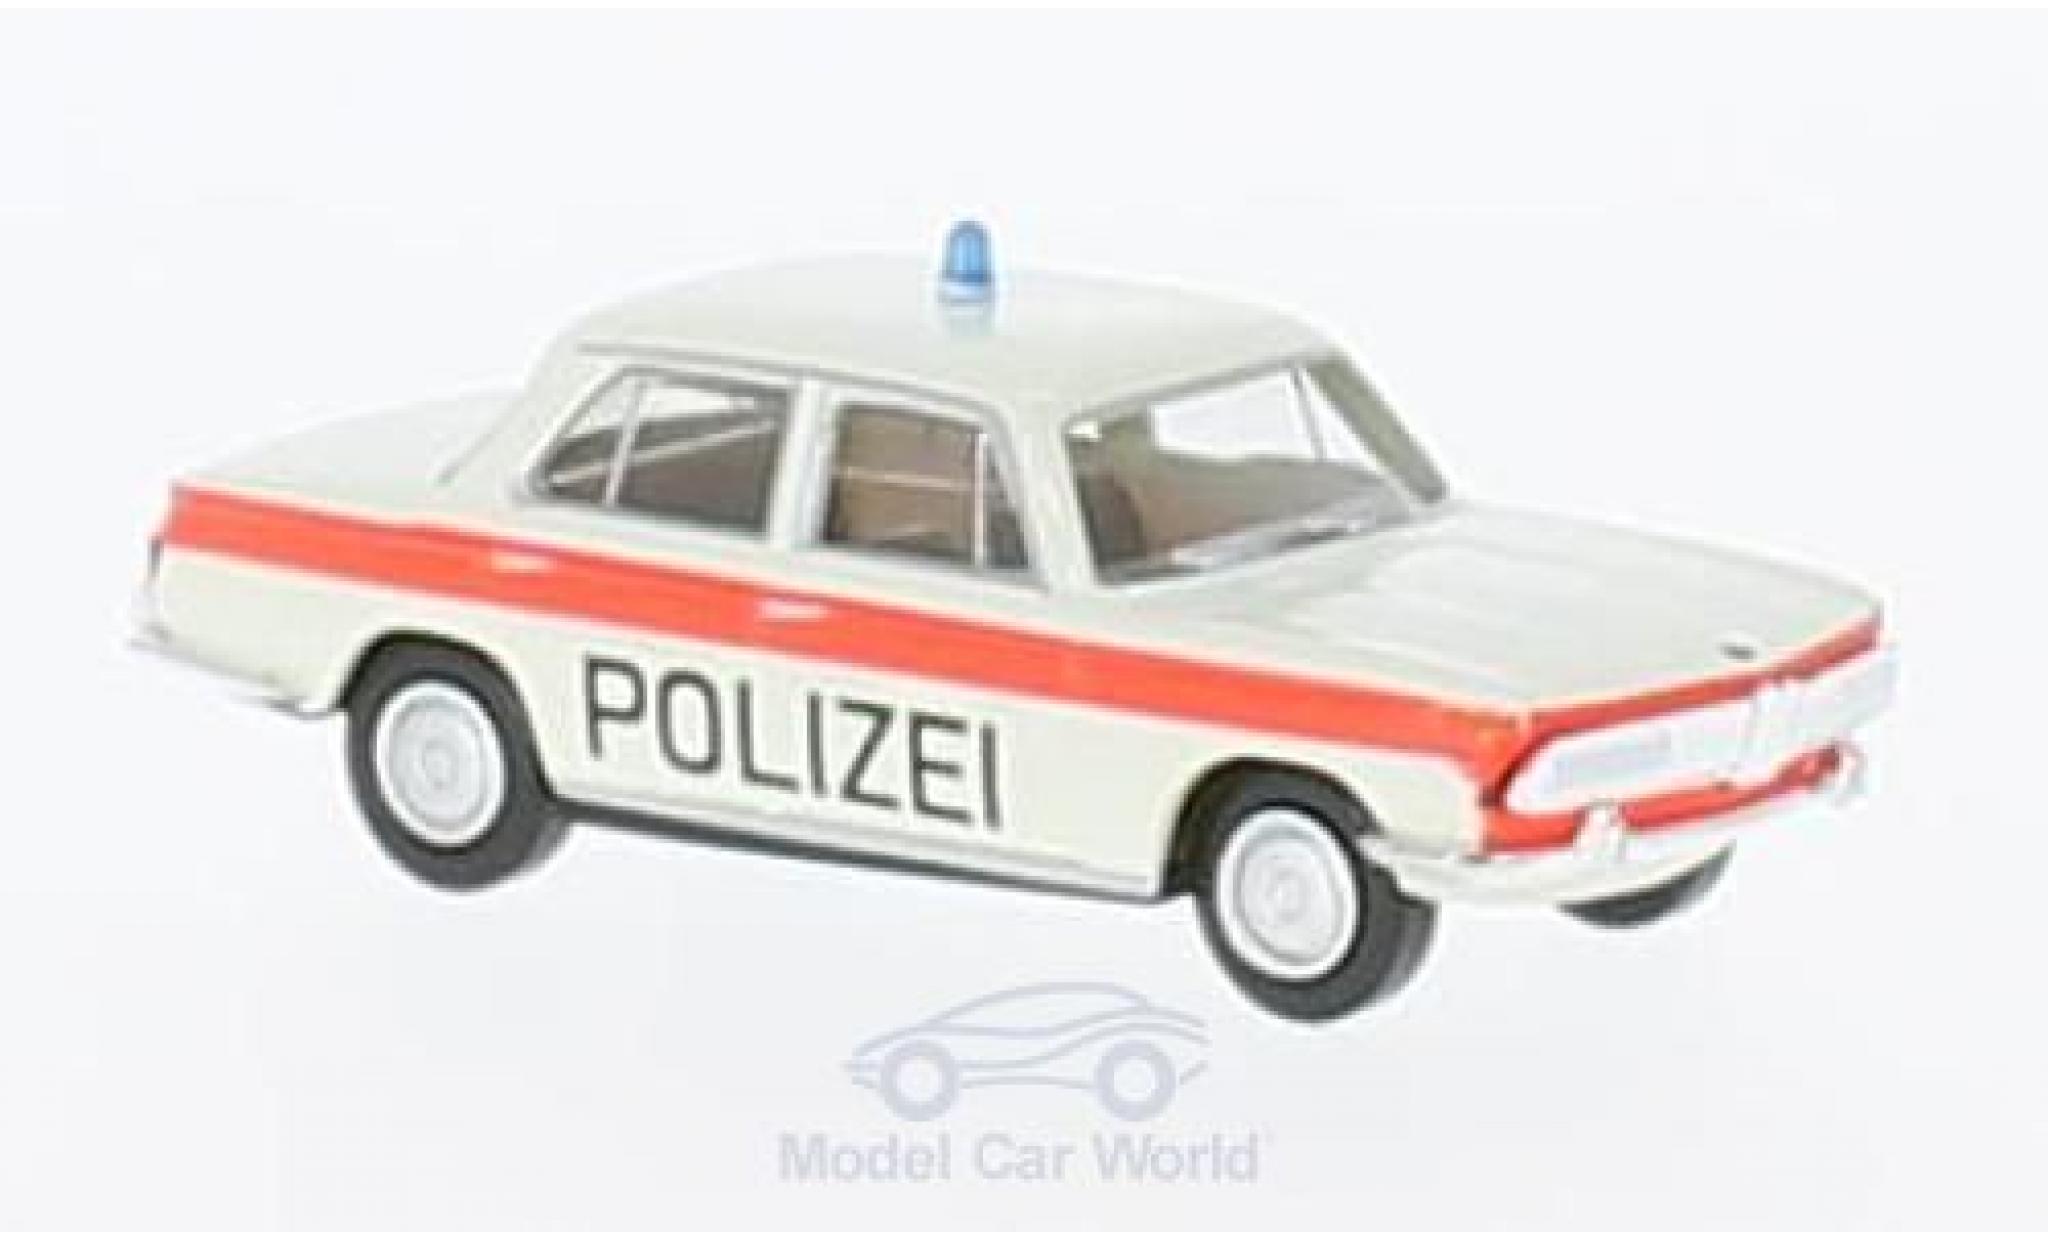 Bmw 2000 1/87 Brekina white/orange Polizei Solothurn